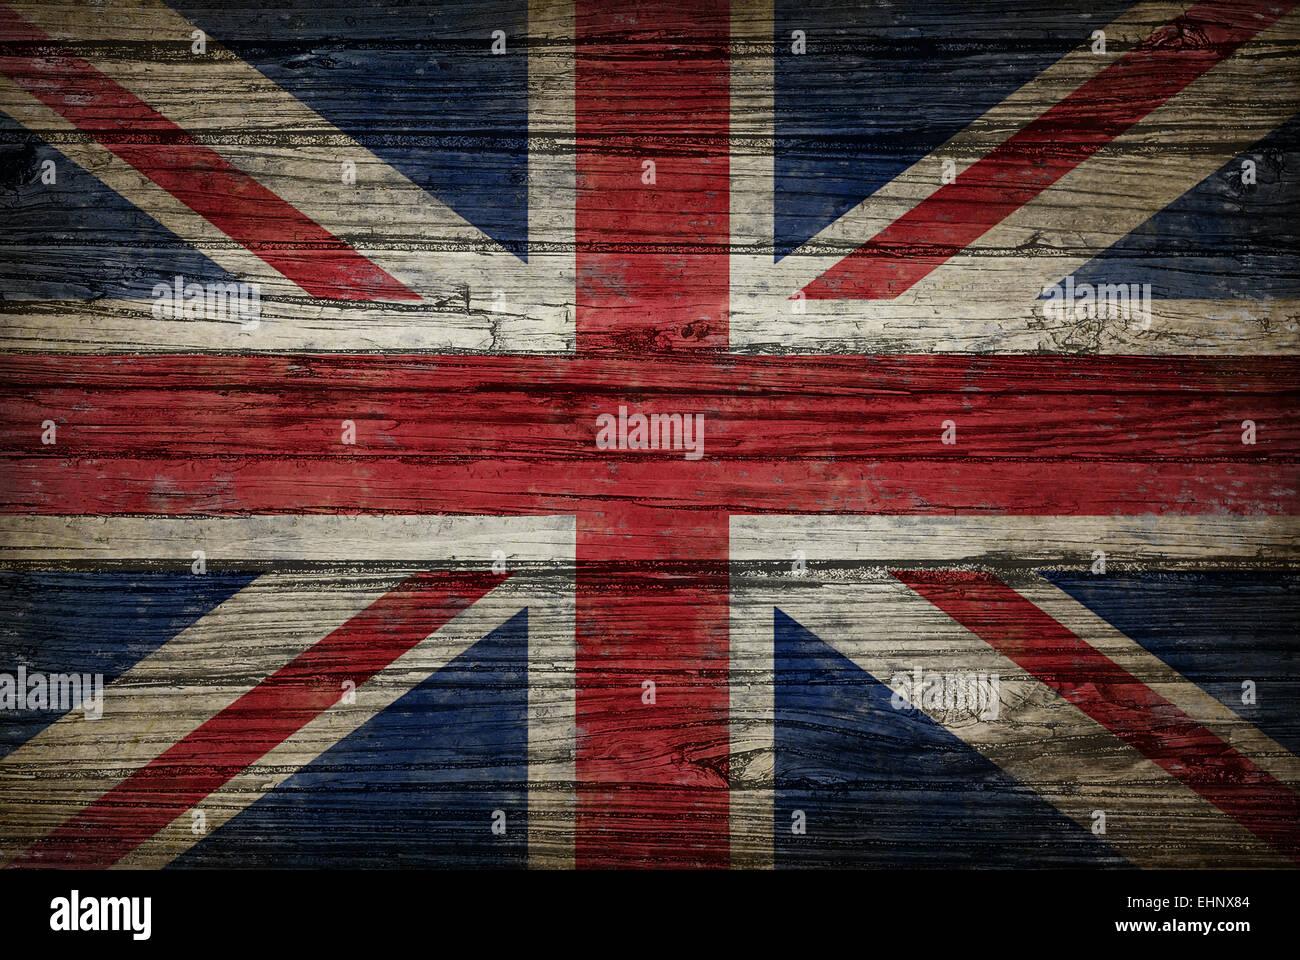 Grande-bretagne drapeau peint sur old weathered wood,comme un vieux millésime et Britannique Royaume-uni concept Photo Stock